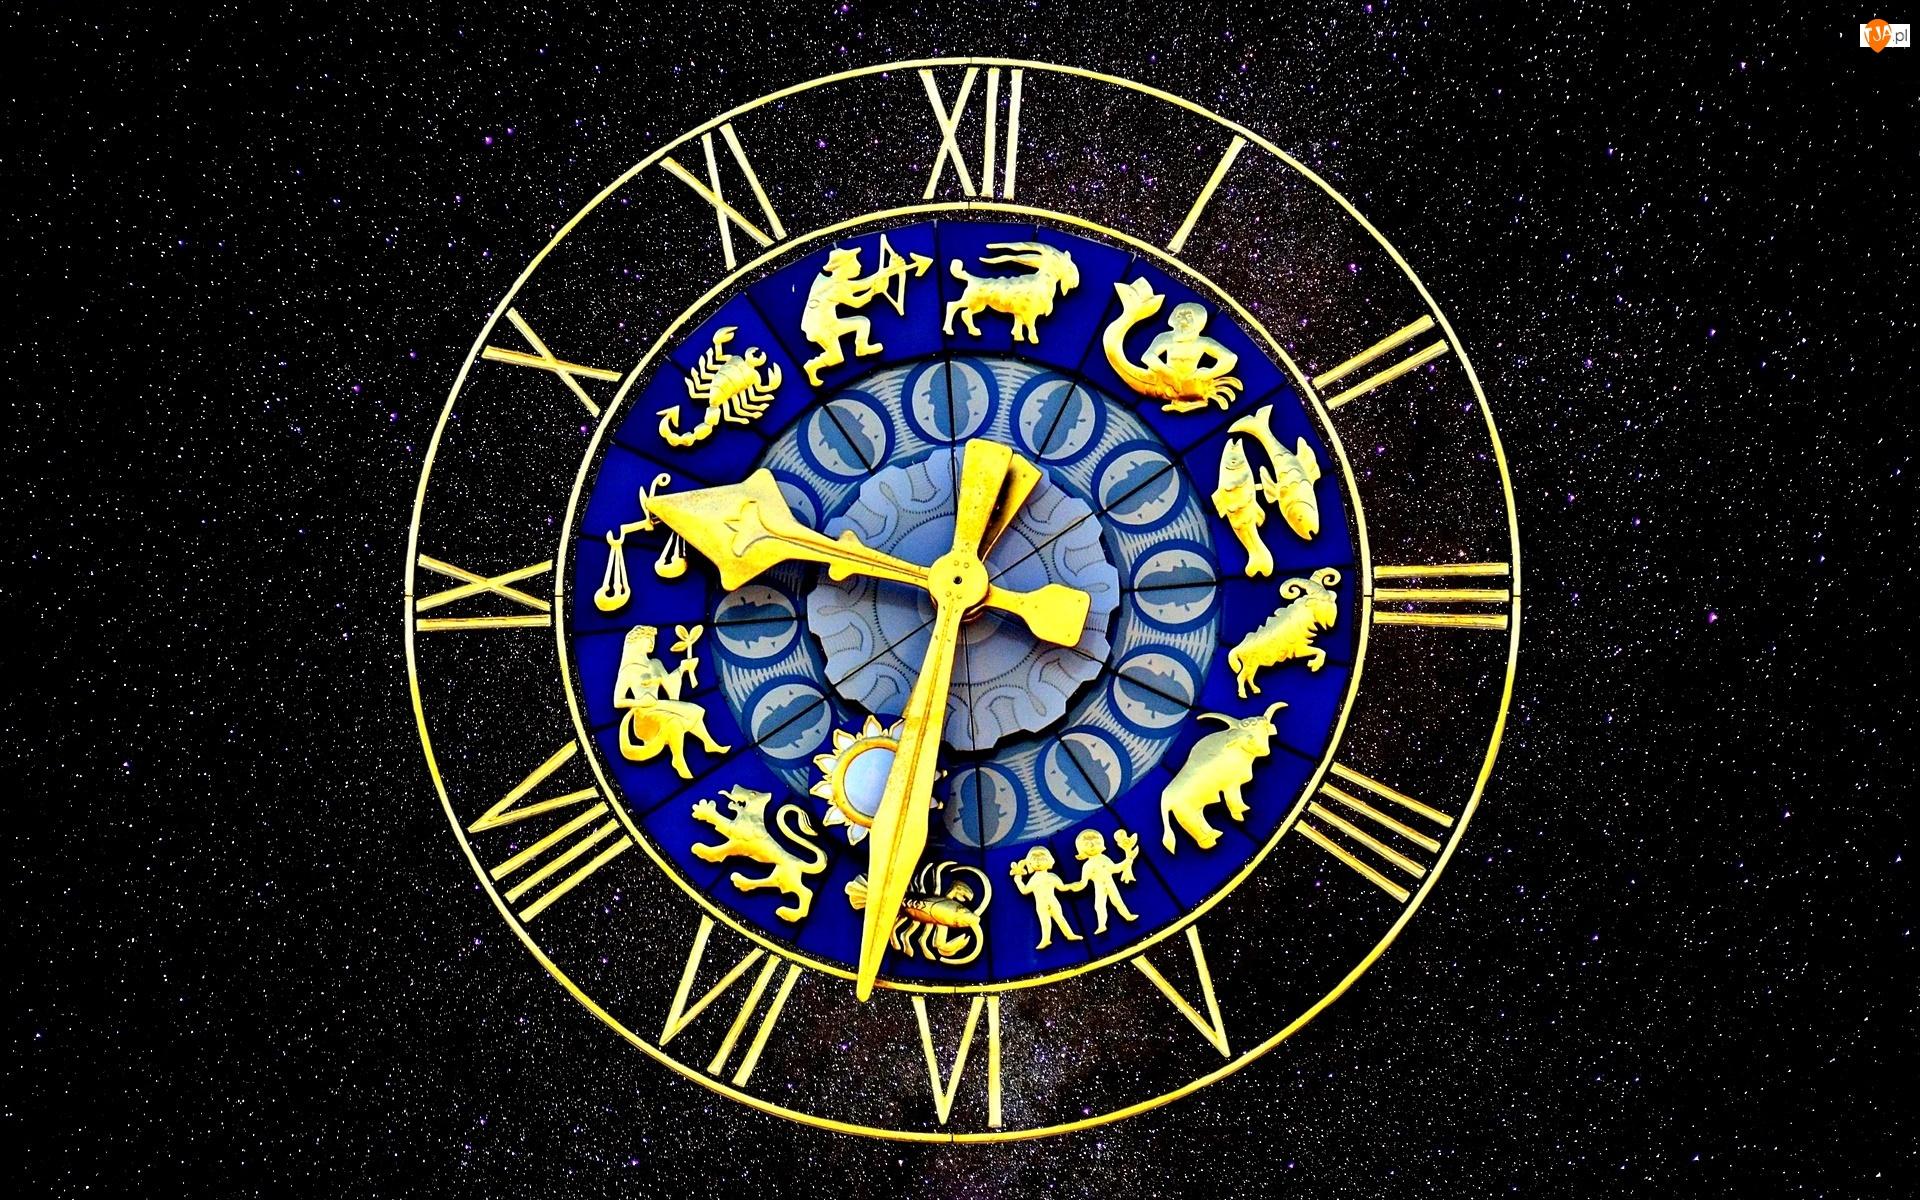 Znaki zodiaku, Gwiazdy, Zegar, Niebo